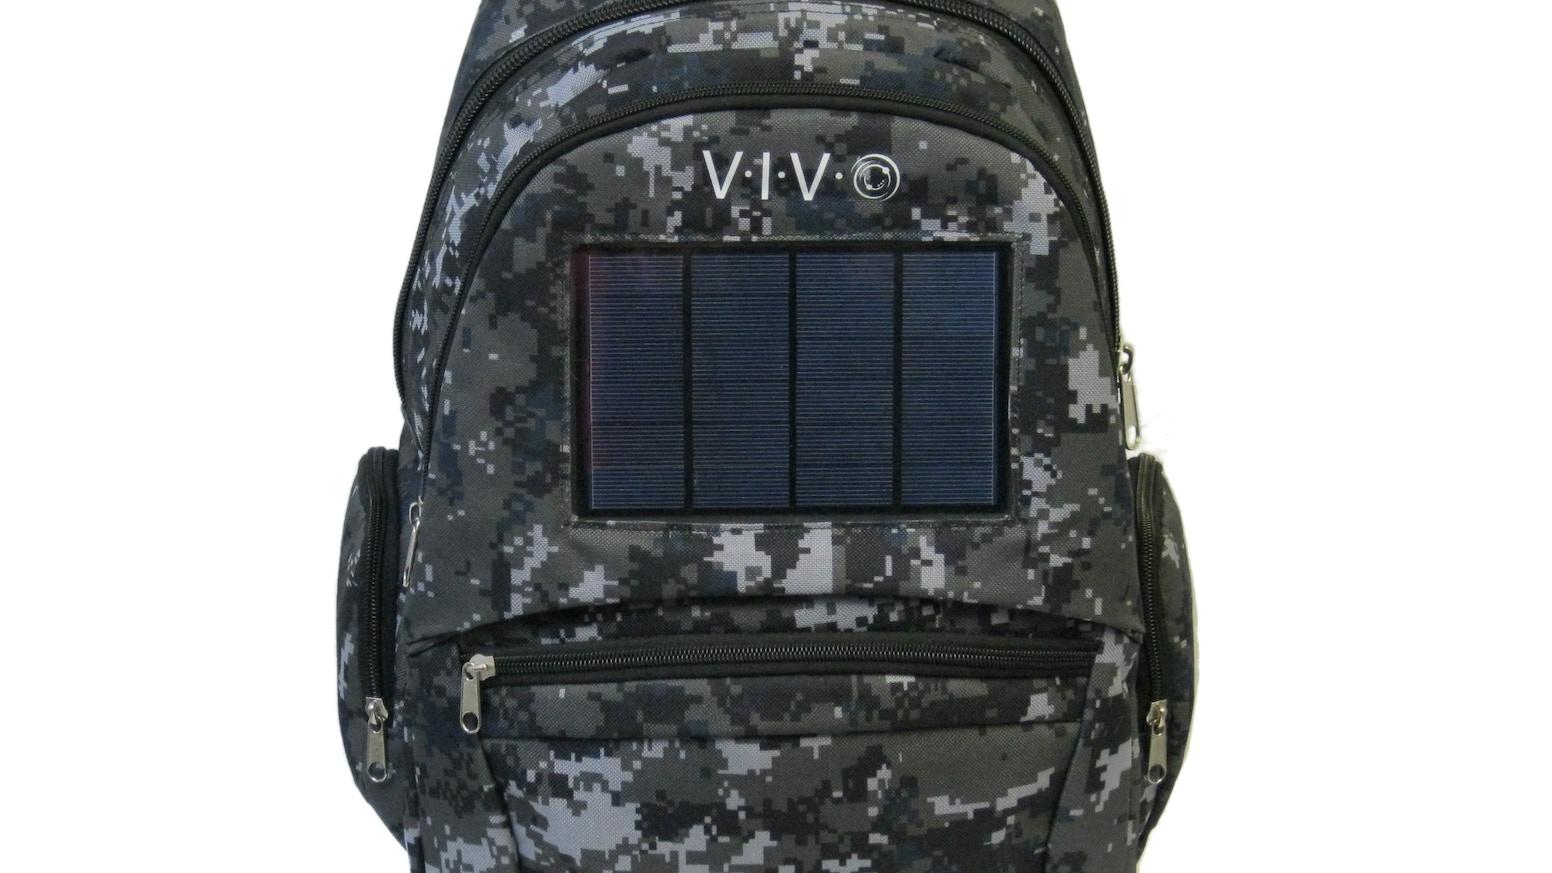 Vivo Solar Bag